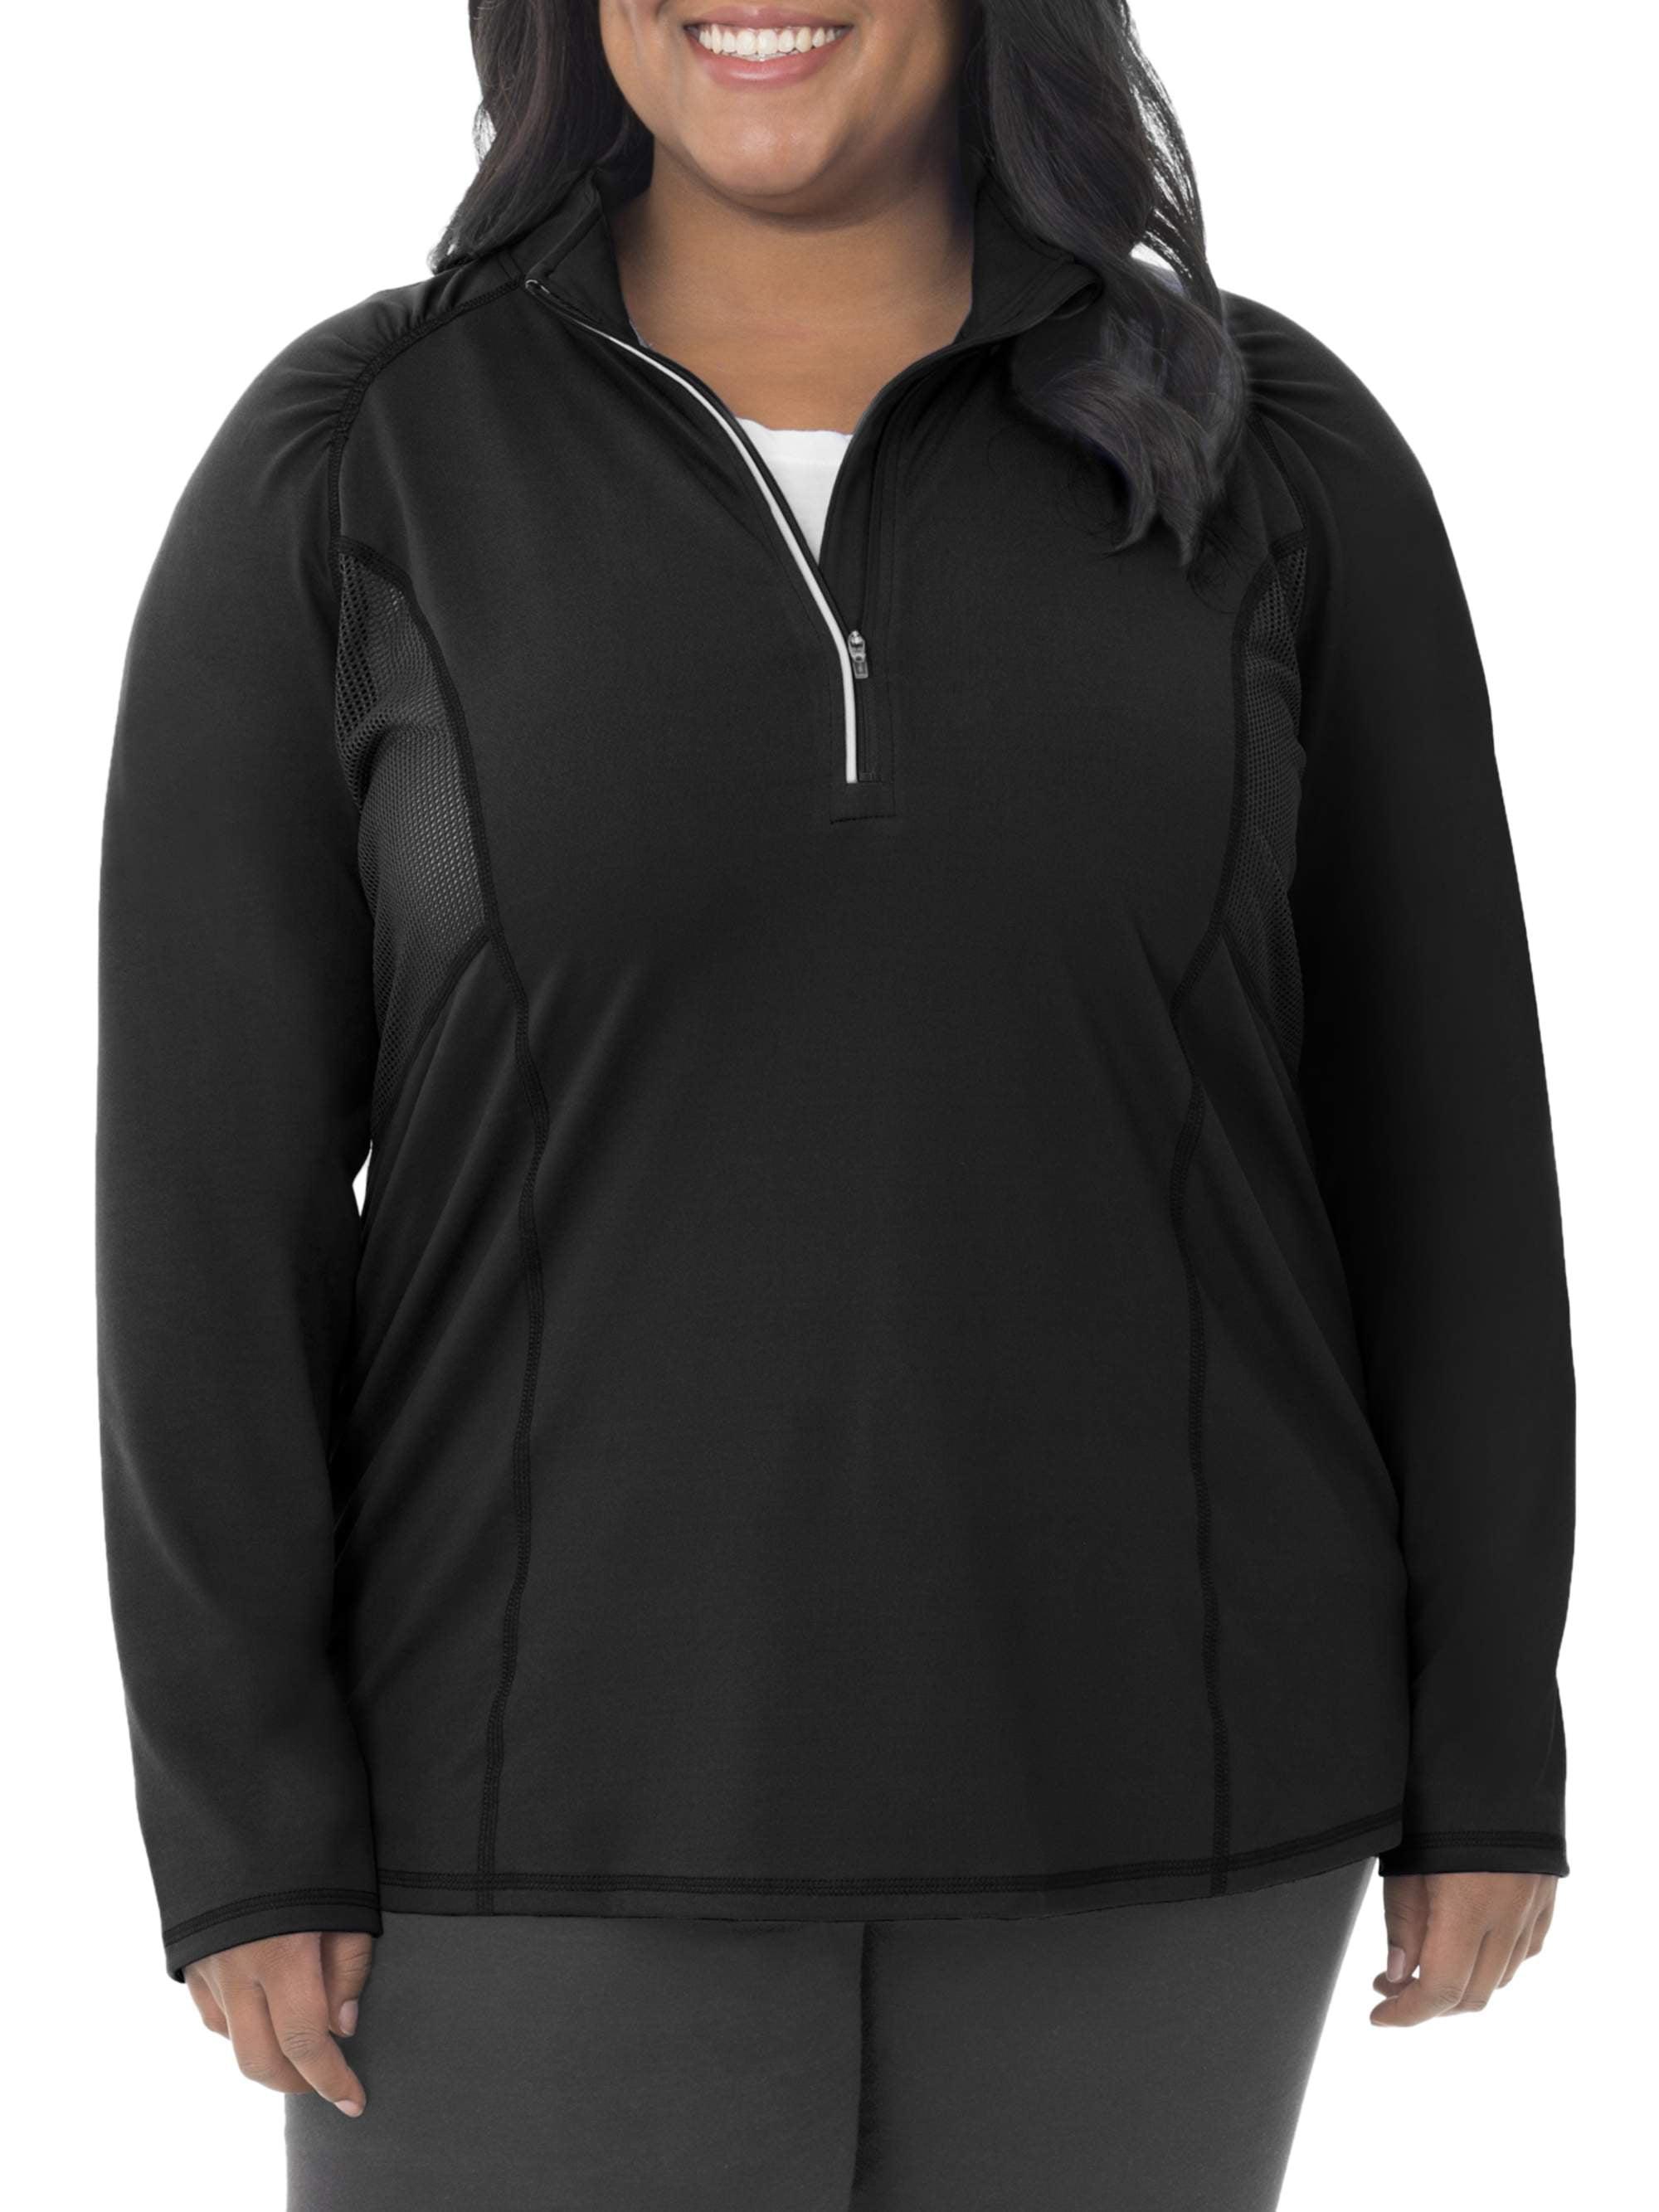 Women's Plus Size Active Mesh Zip Mock Pullover